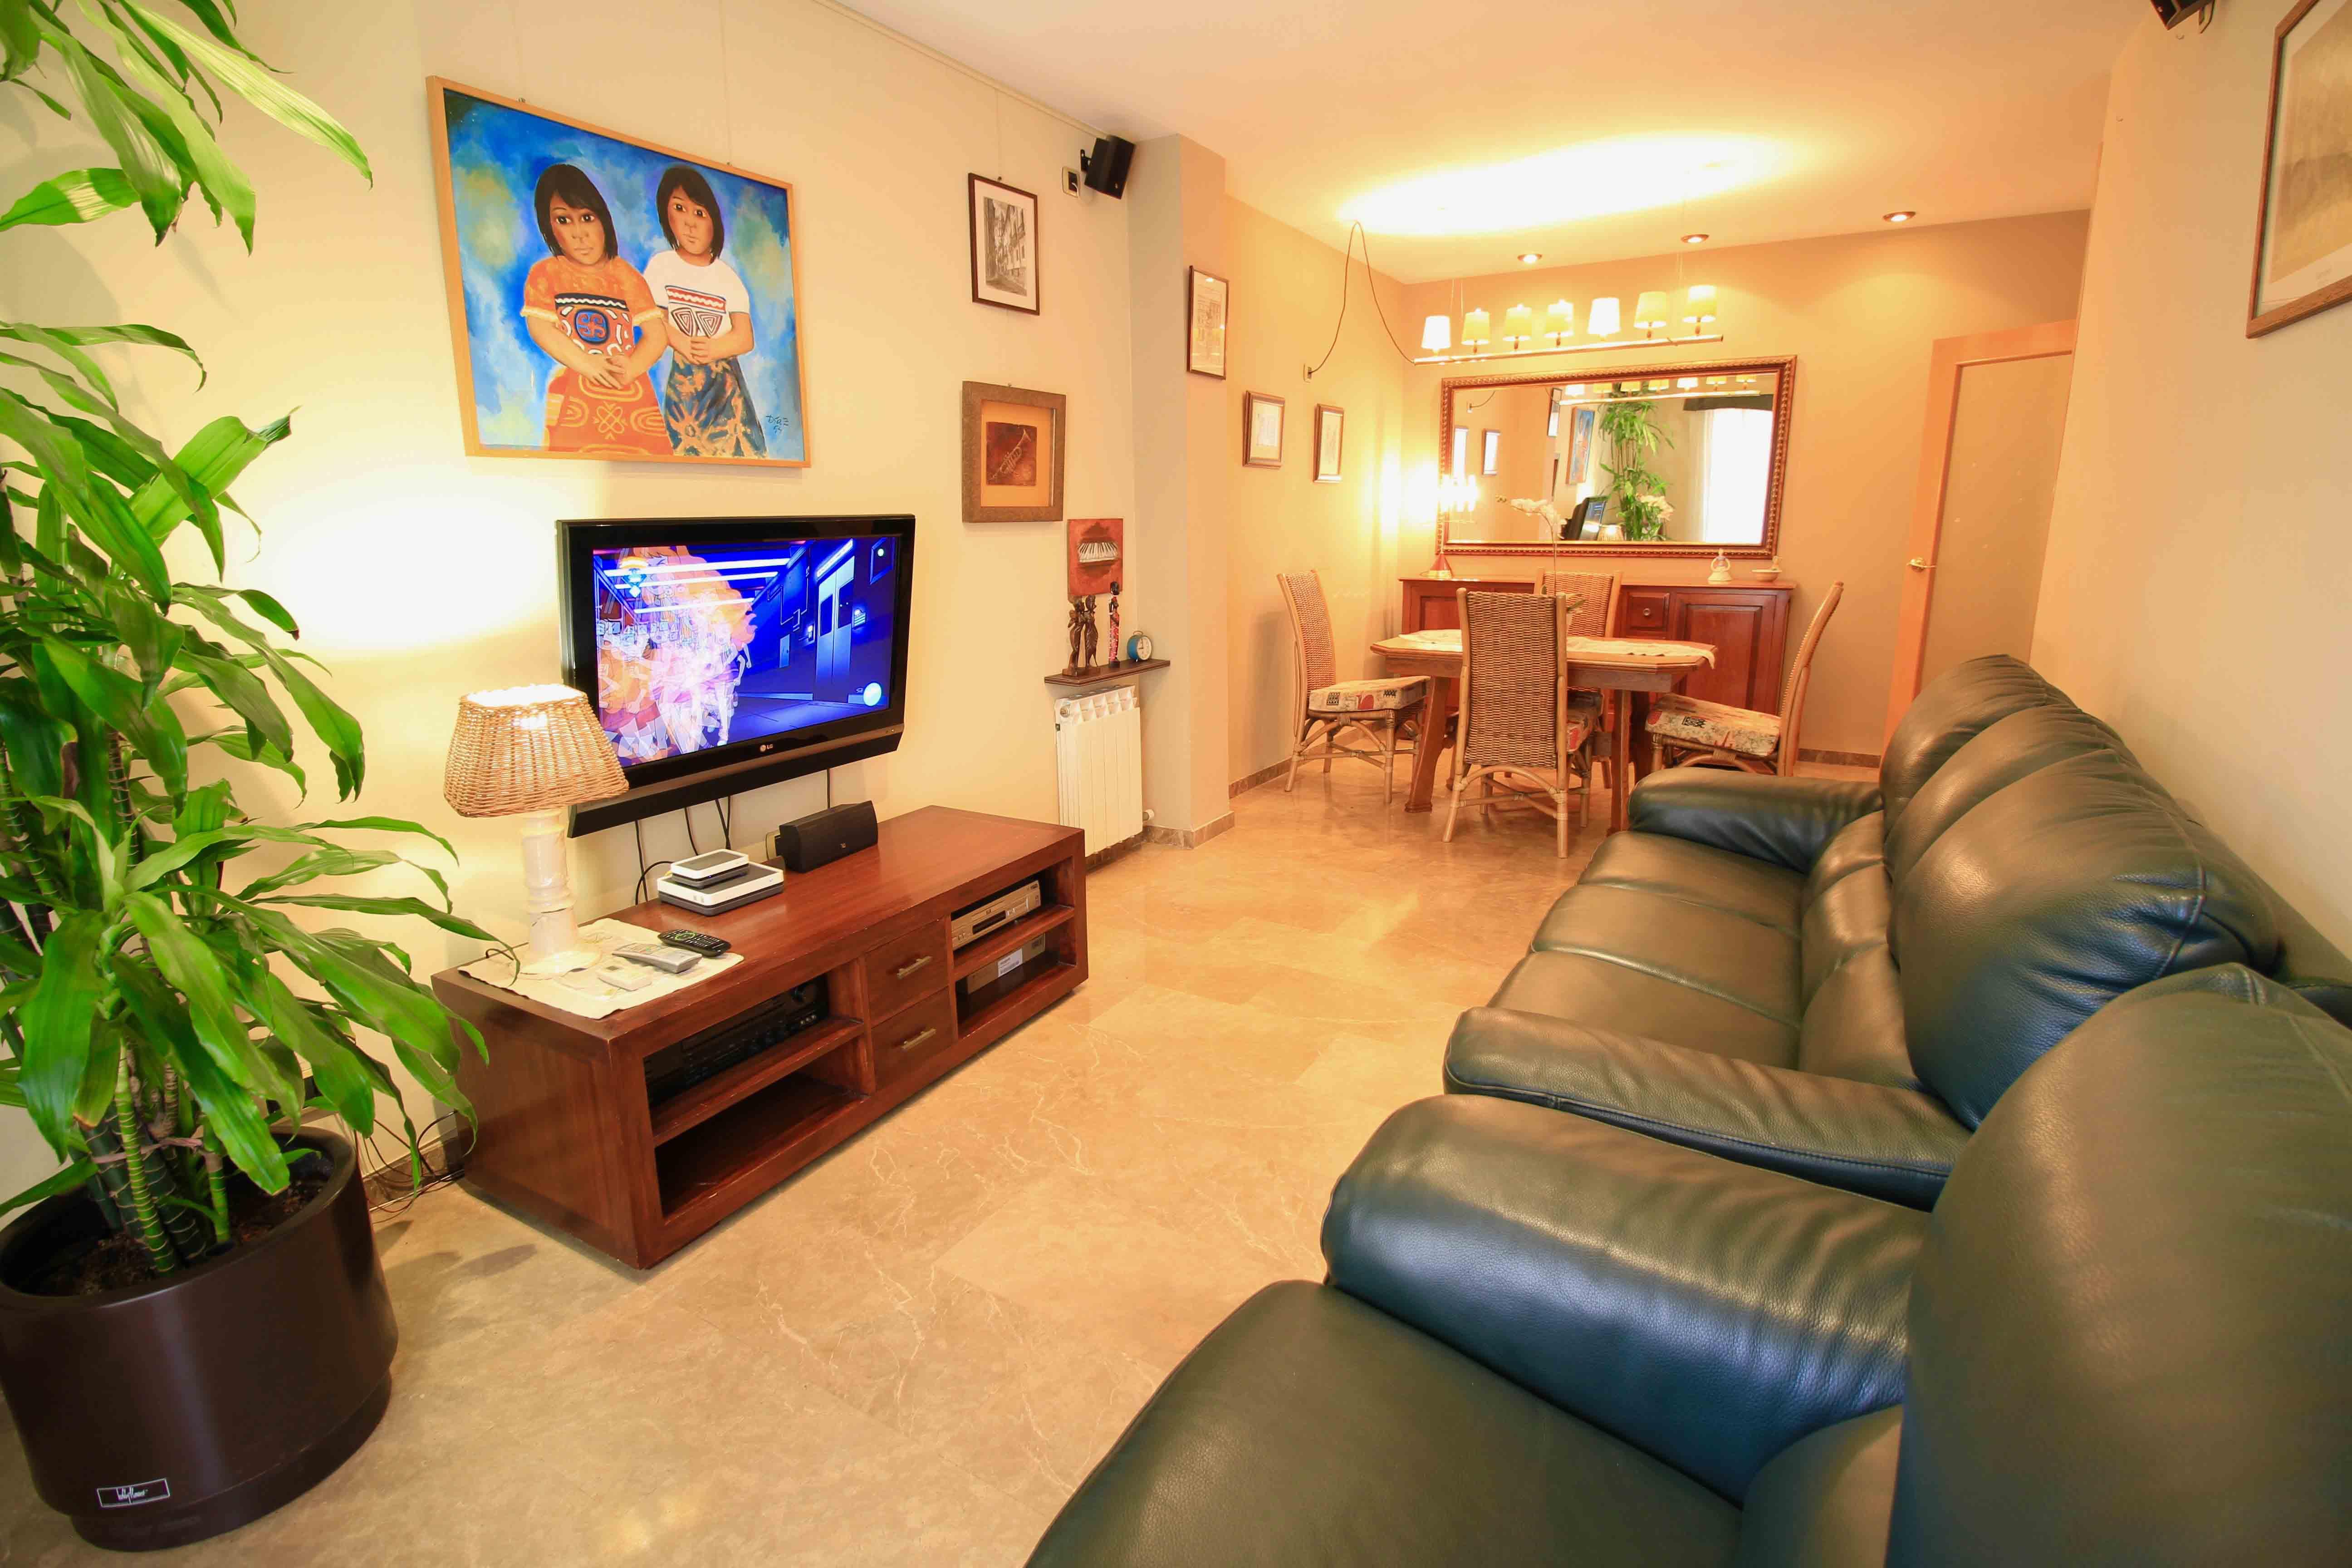 Piso similar: Espacioso apartamento en El Serrallo